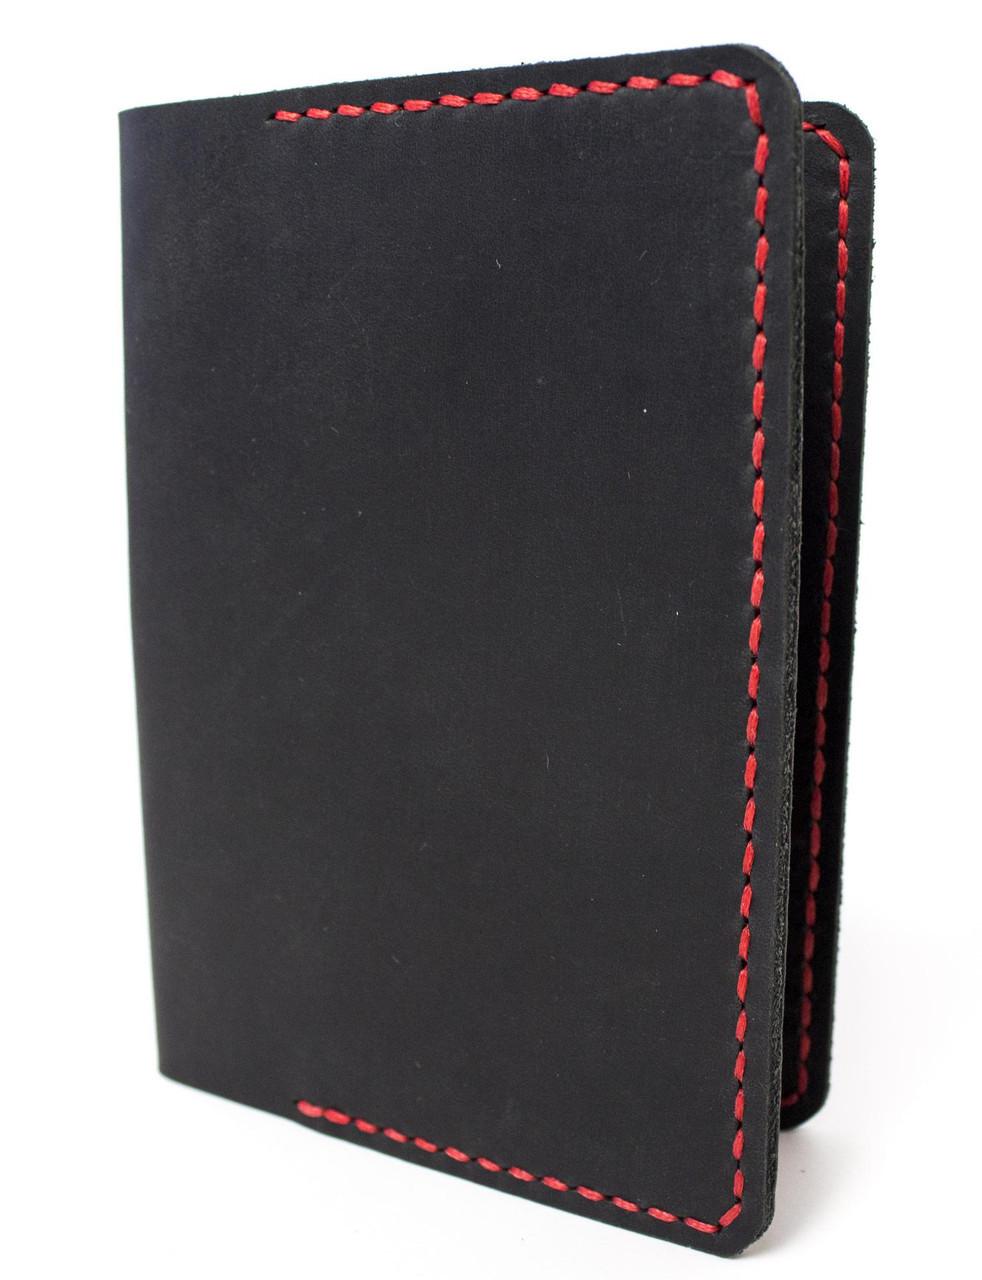 Обложка для паспорта ручной работы VOILE vl-pc1-blk-red